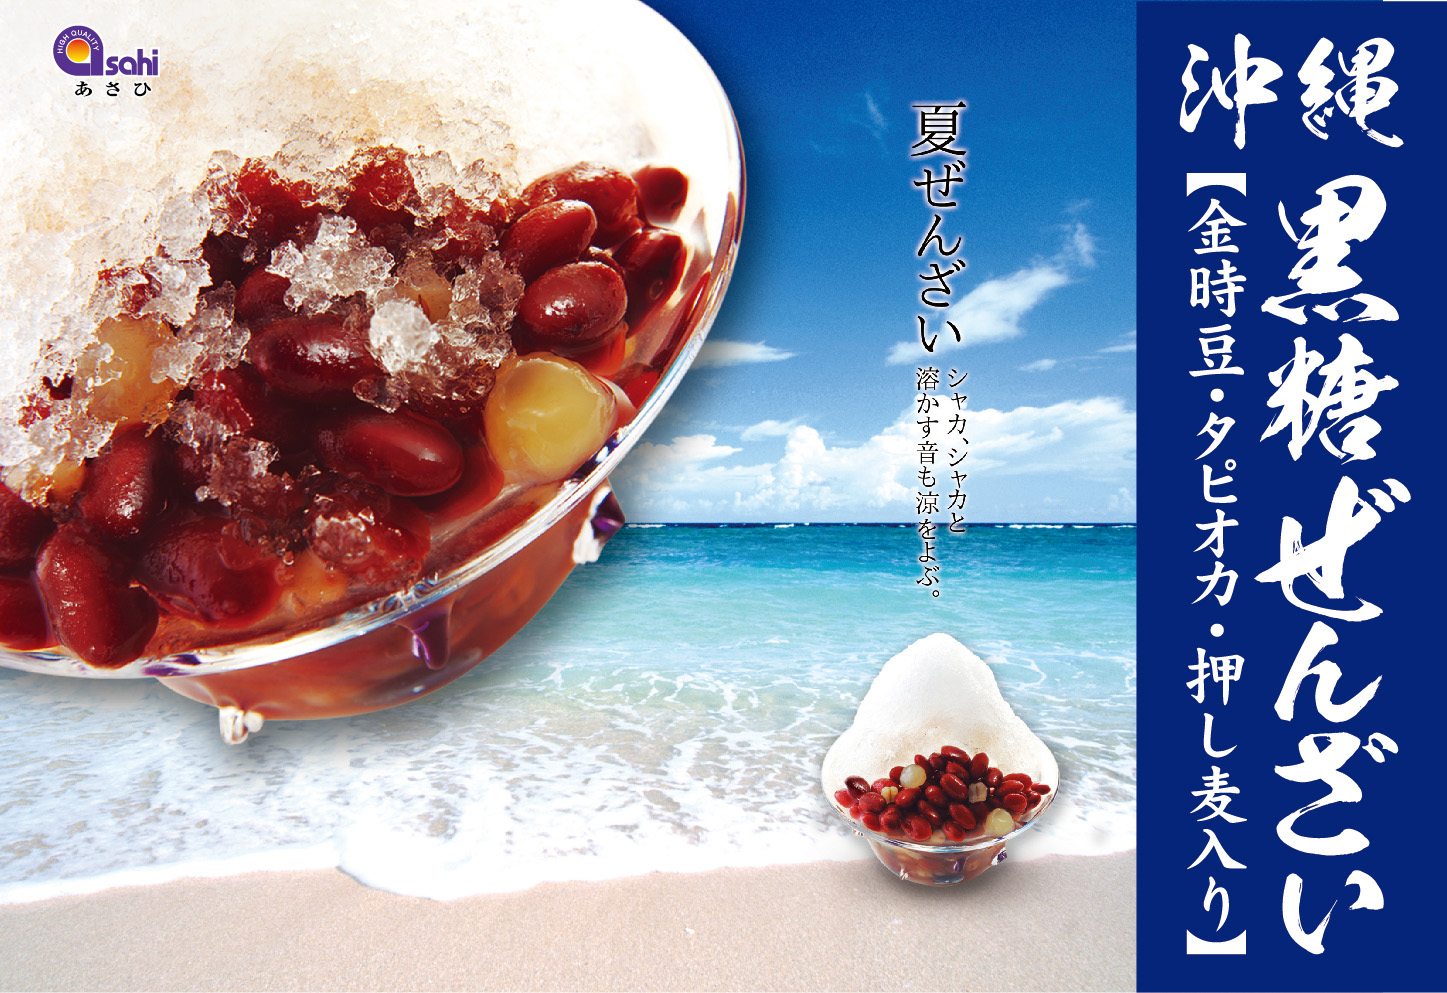 沖縄ぜんざい(6カップ入り)